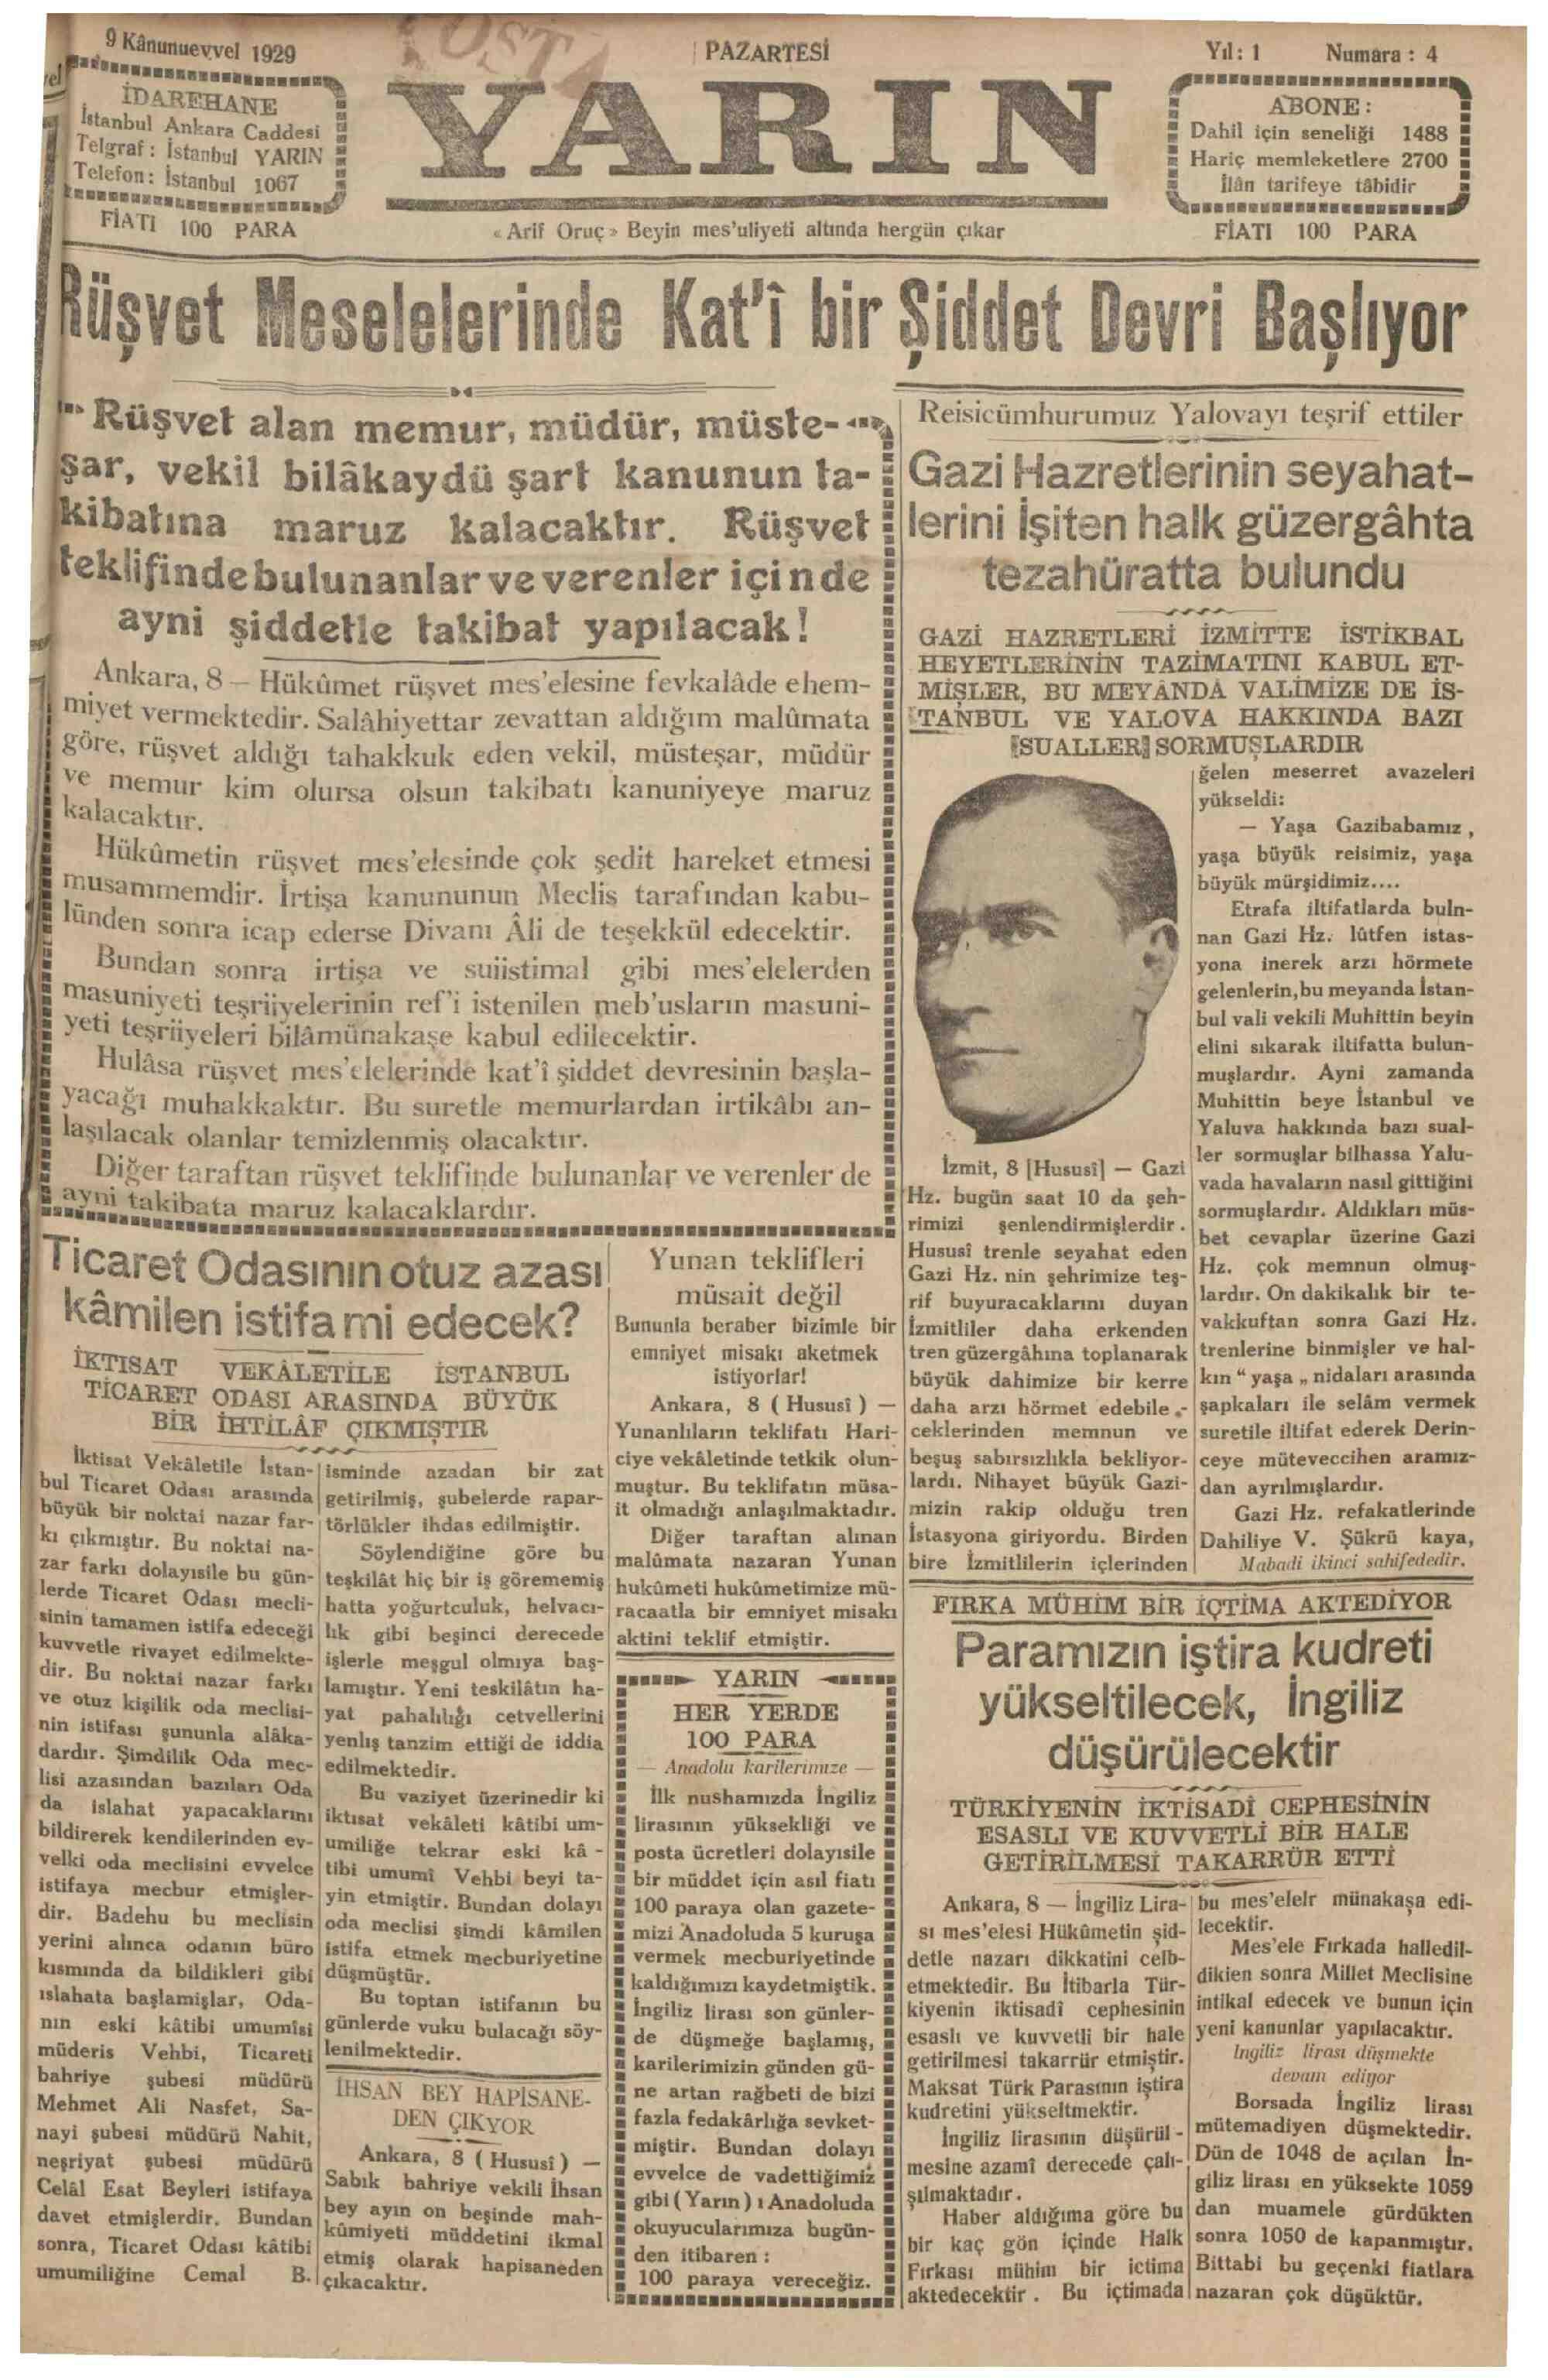 9 Aralık 1929 Tarihli Yarın Gazetesi Sayfa 1